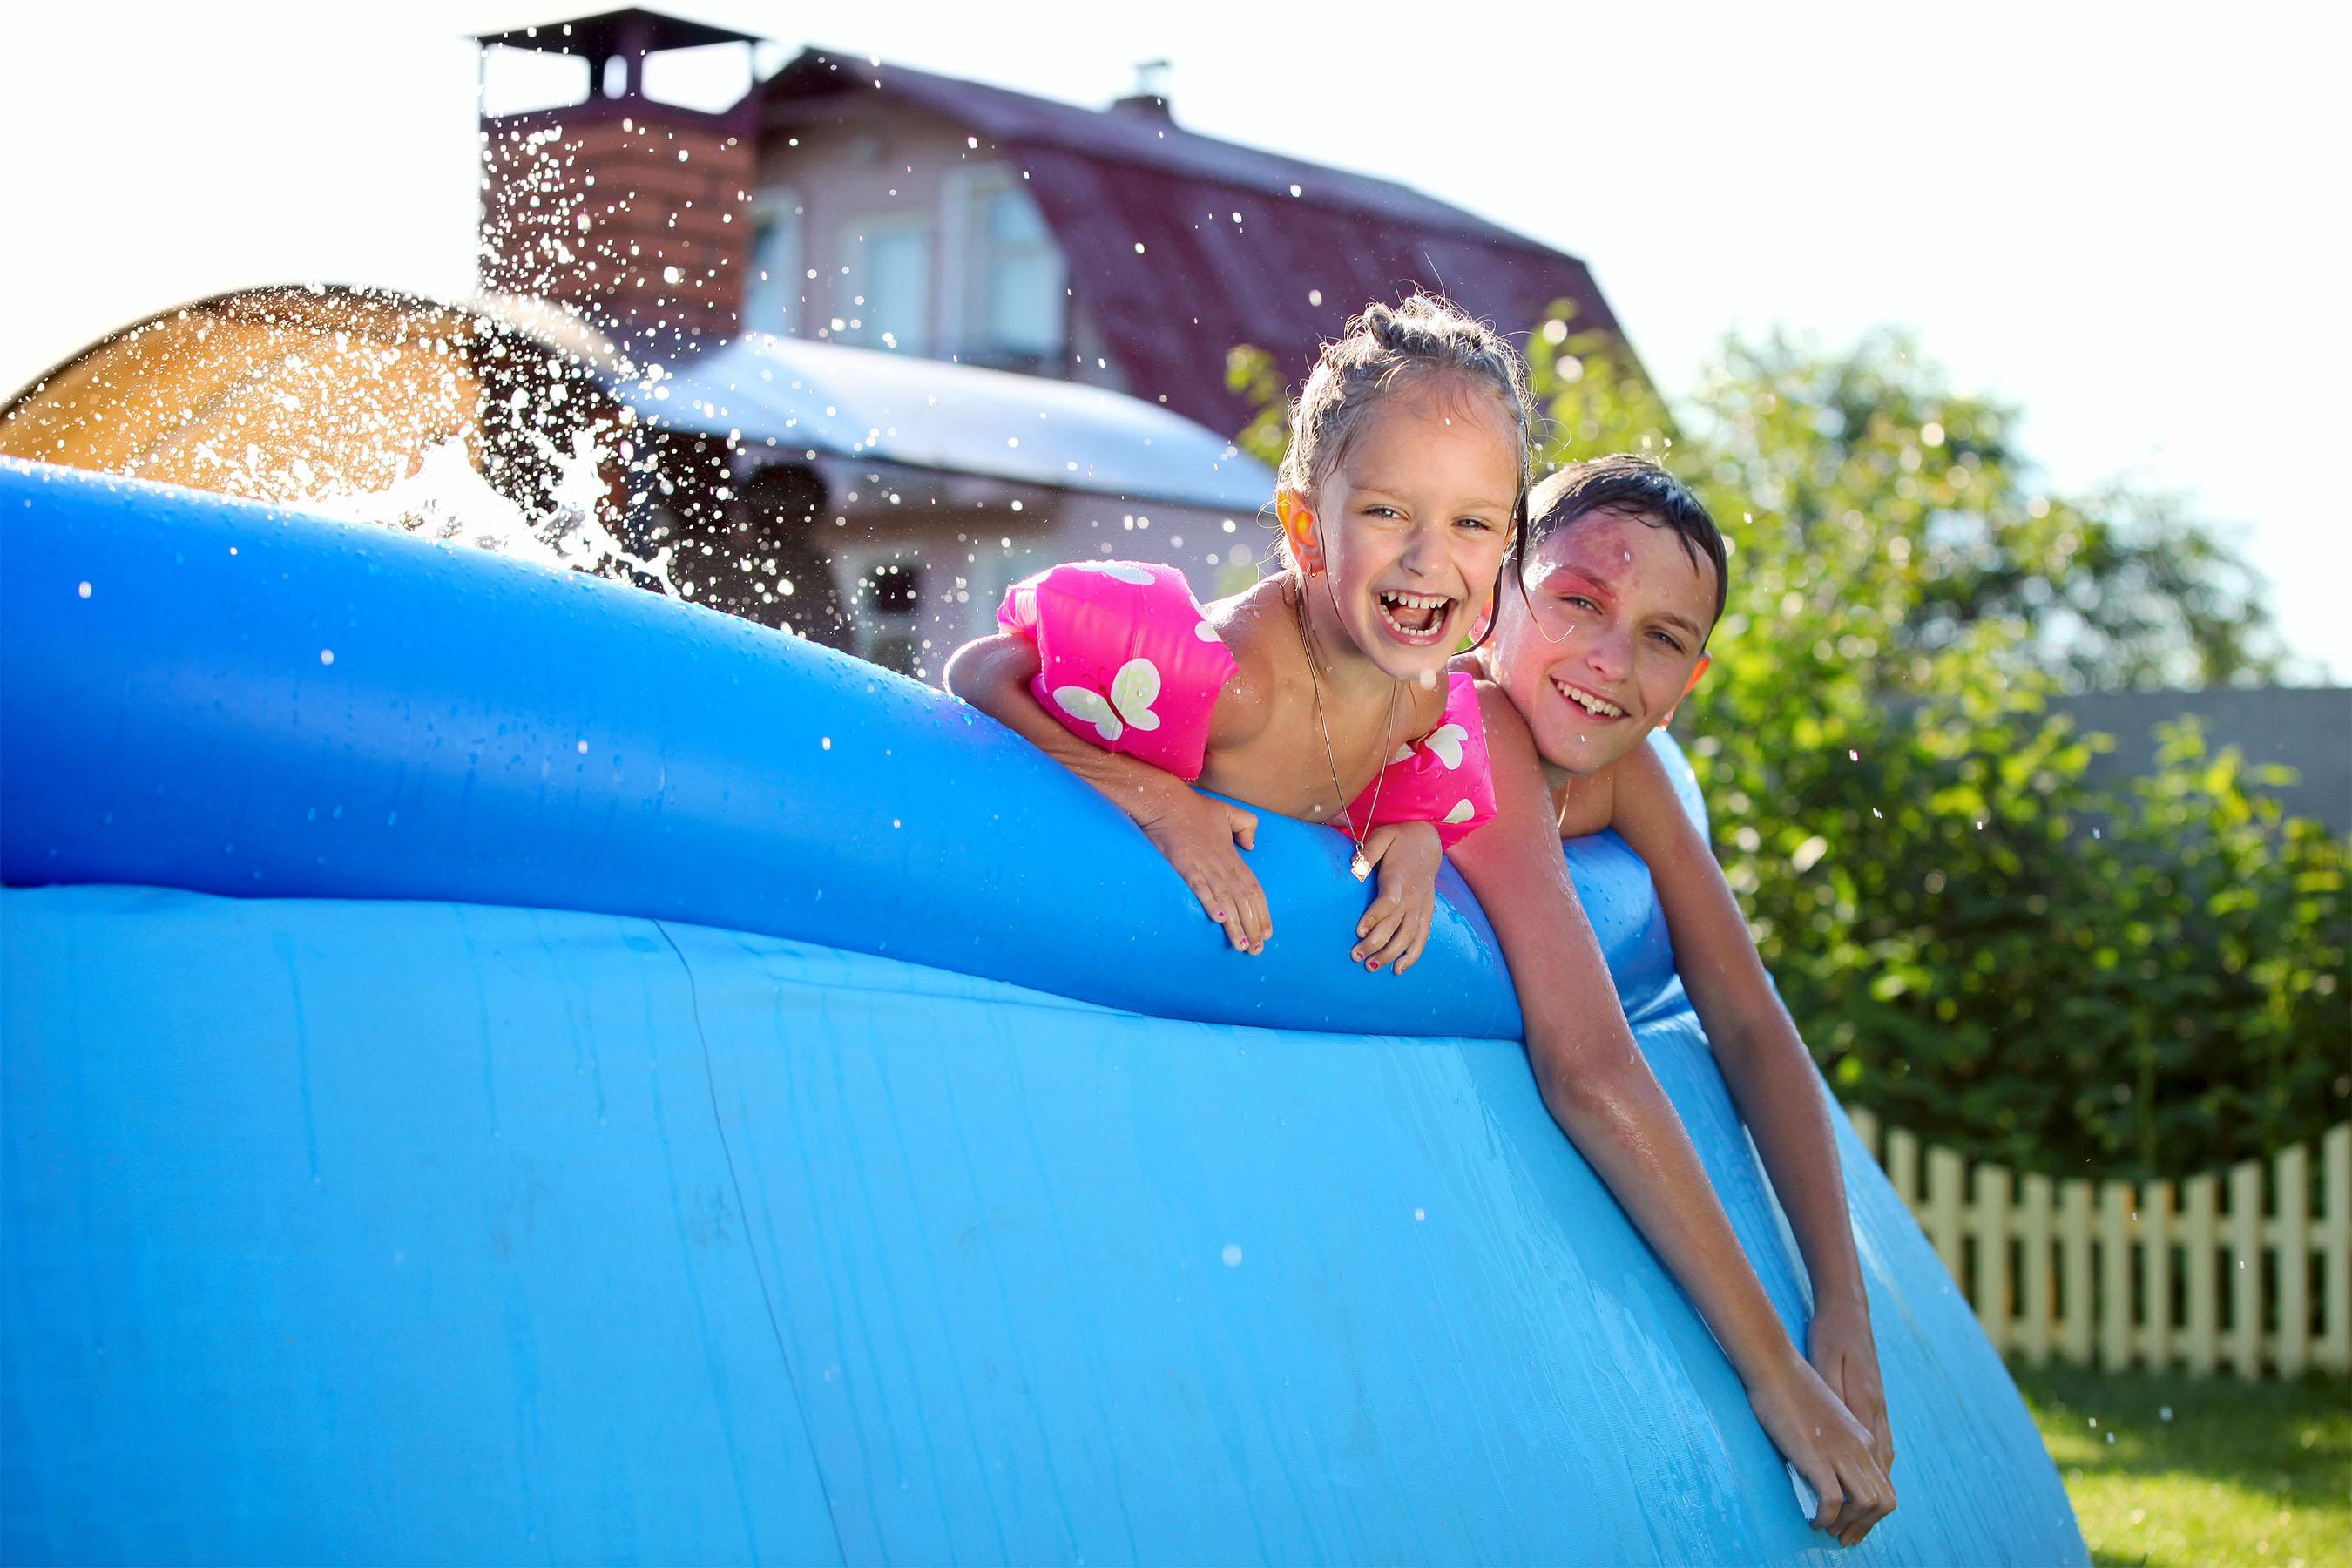 Piscine - On adore - 5 jeux d'eau pour rafraichir les enfants